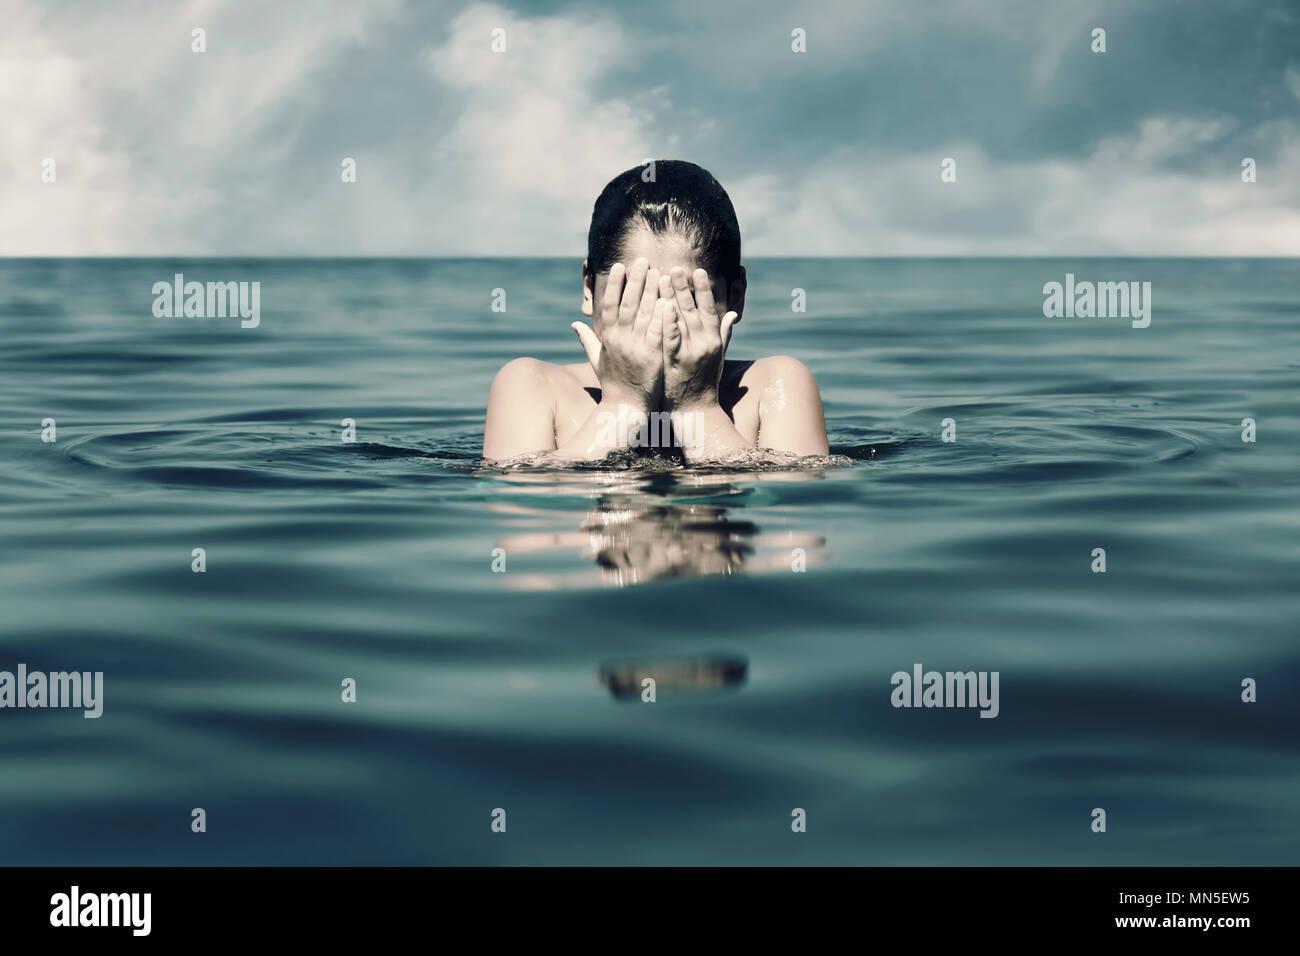 Petit garçon de race blanche couvre son visage avec ses mains dans la mer. Concept de la maltraitance, de la dépression, et la solitude. Photo Stock